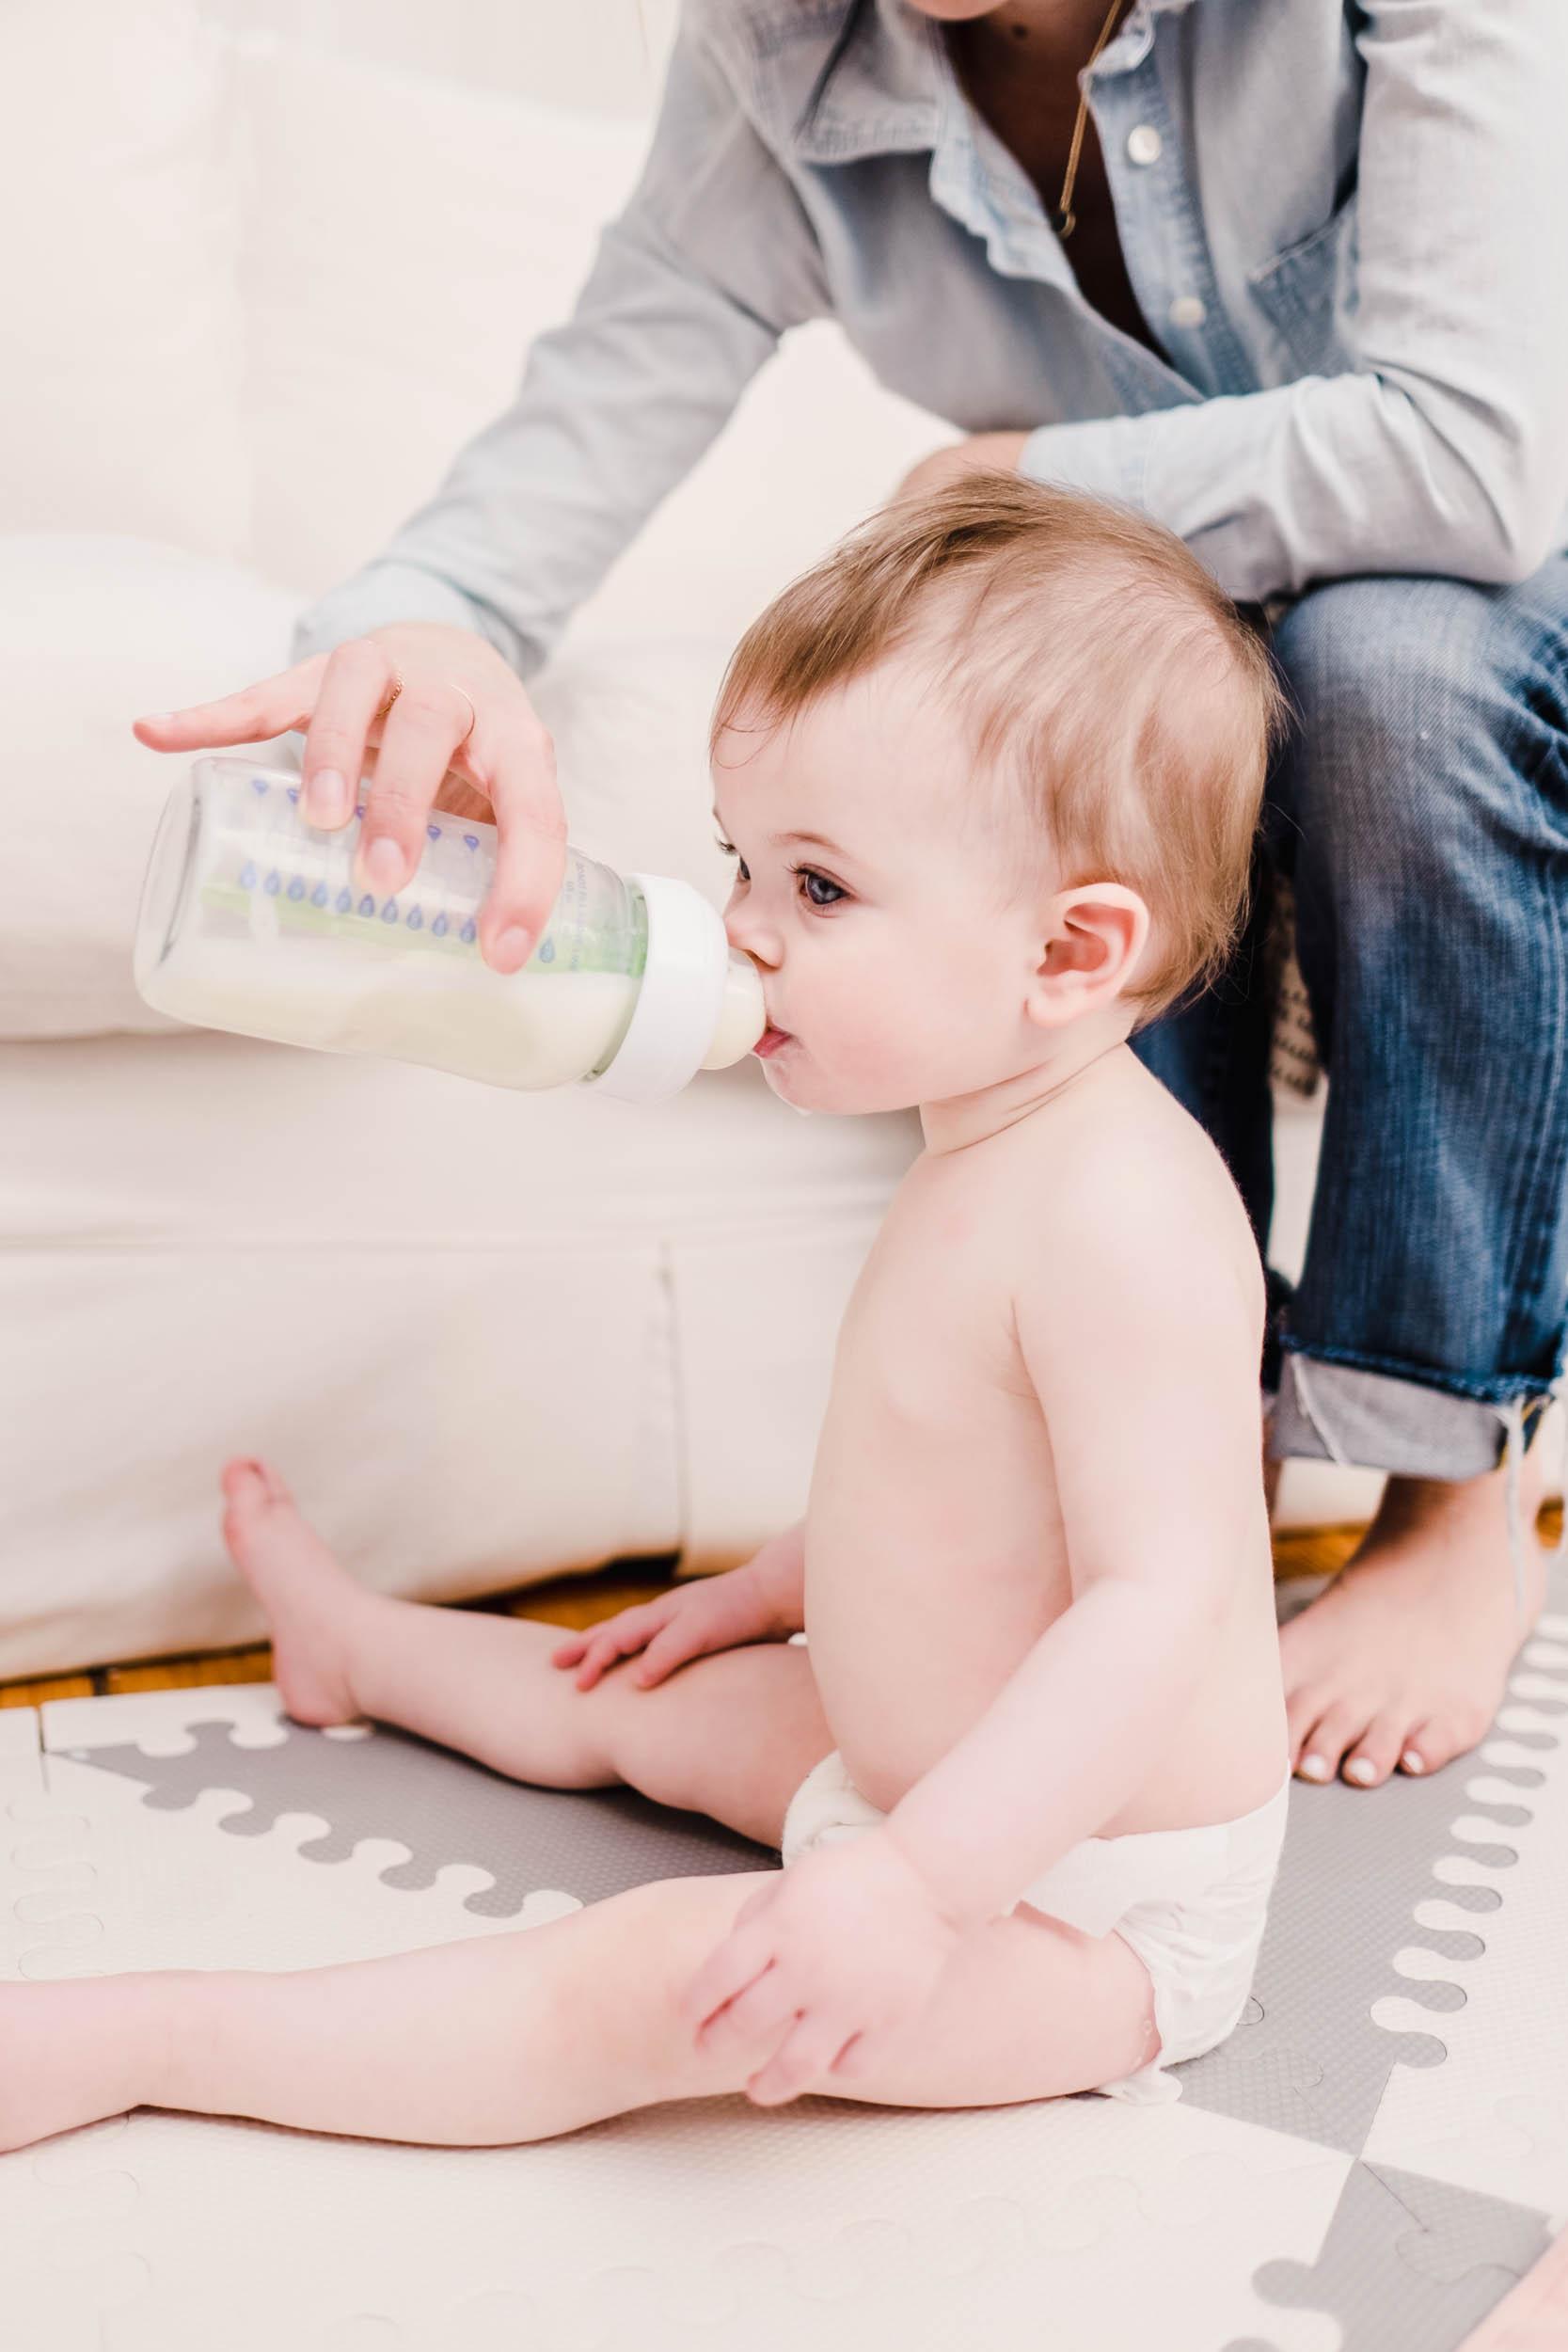 Kristen-Humbert-Family-Photoshoot-Philadelphia_Ruby-James-W-.jpg